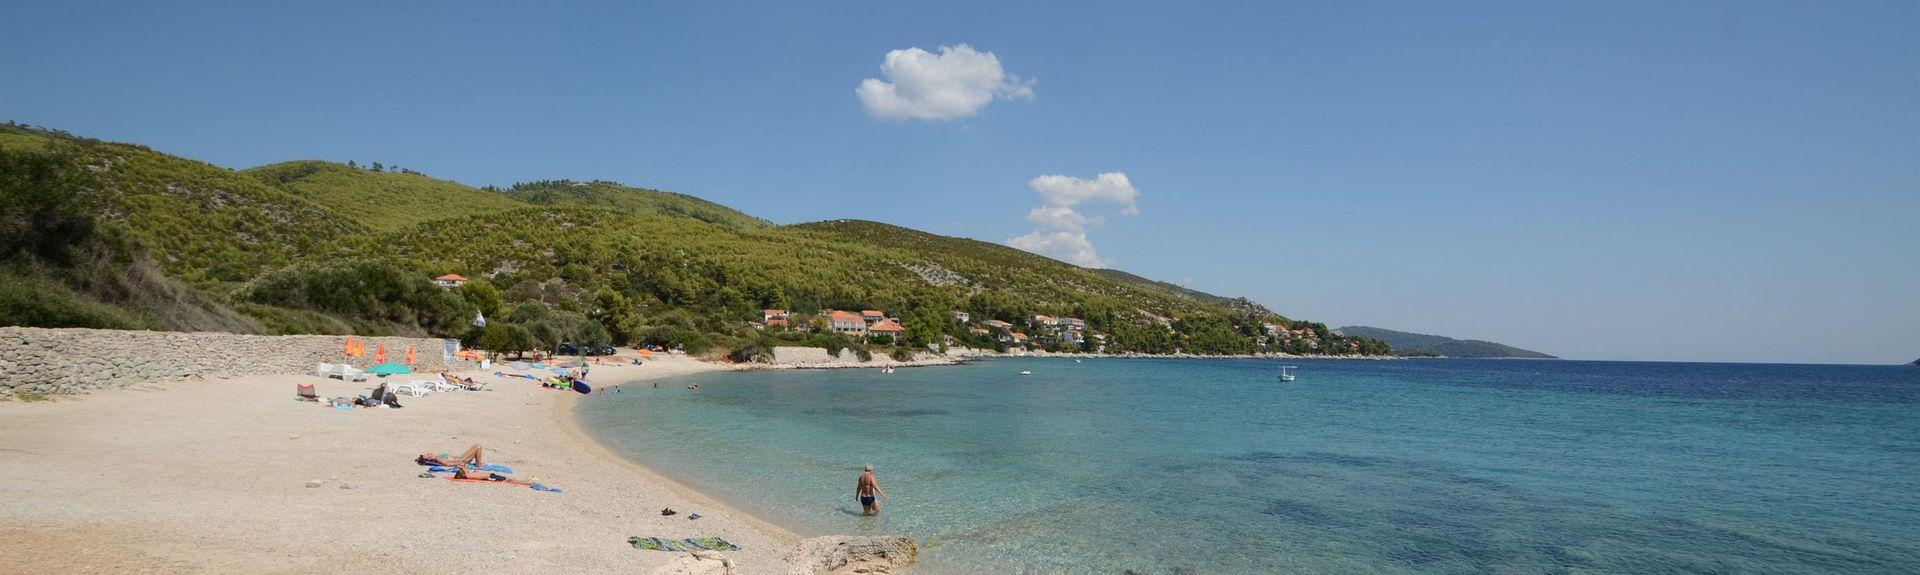 Lastovo, Condado de Dubrovnik-Neretva, Croacia